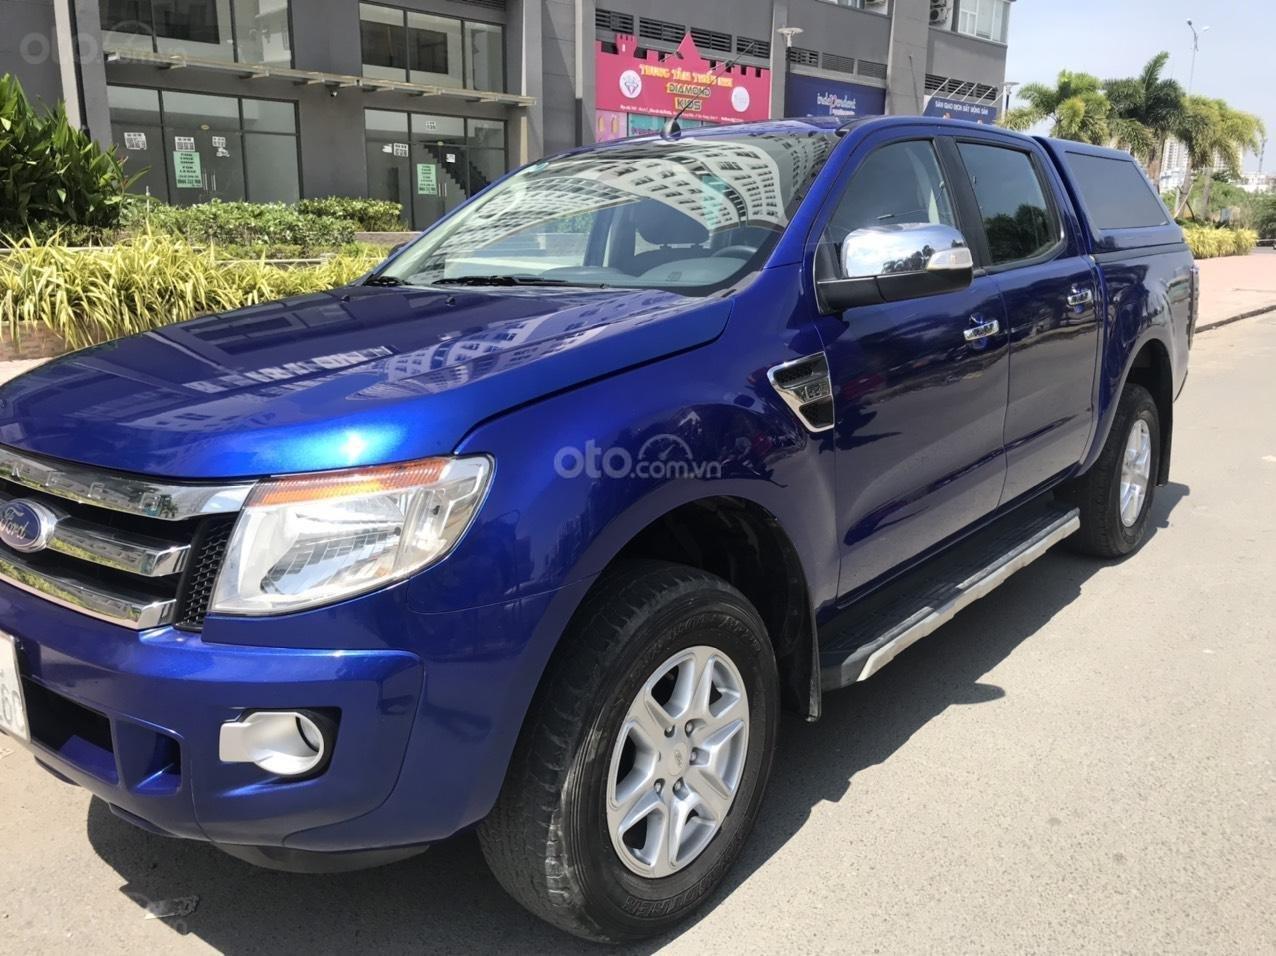 Cần bán Ford Ranger bản XLT MT 2.5L, đời 2015, giá chỉ 485 triệu đồng (1)